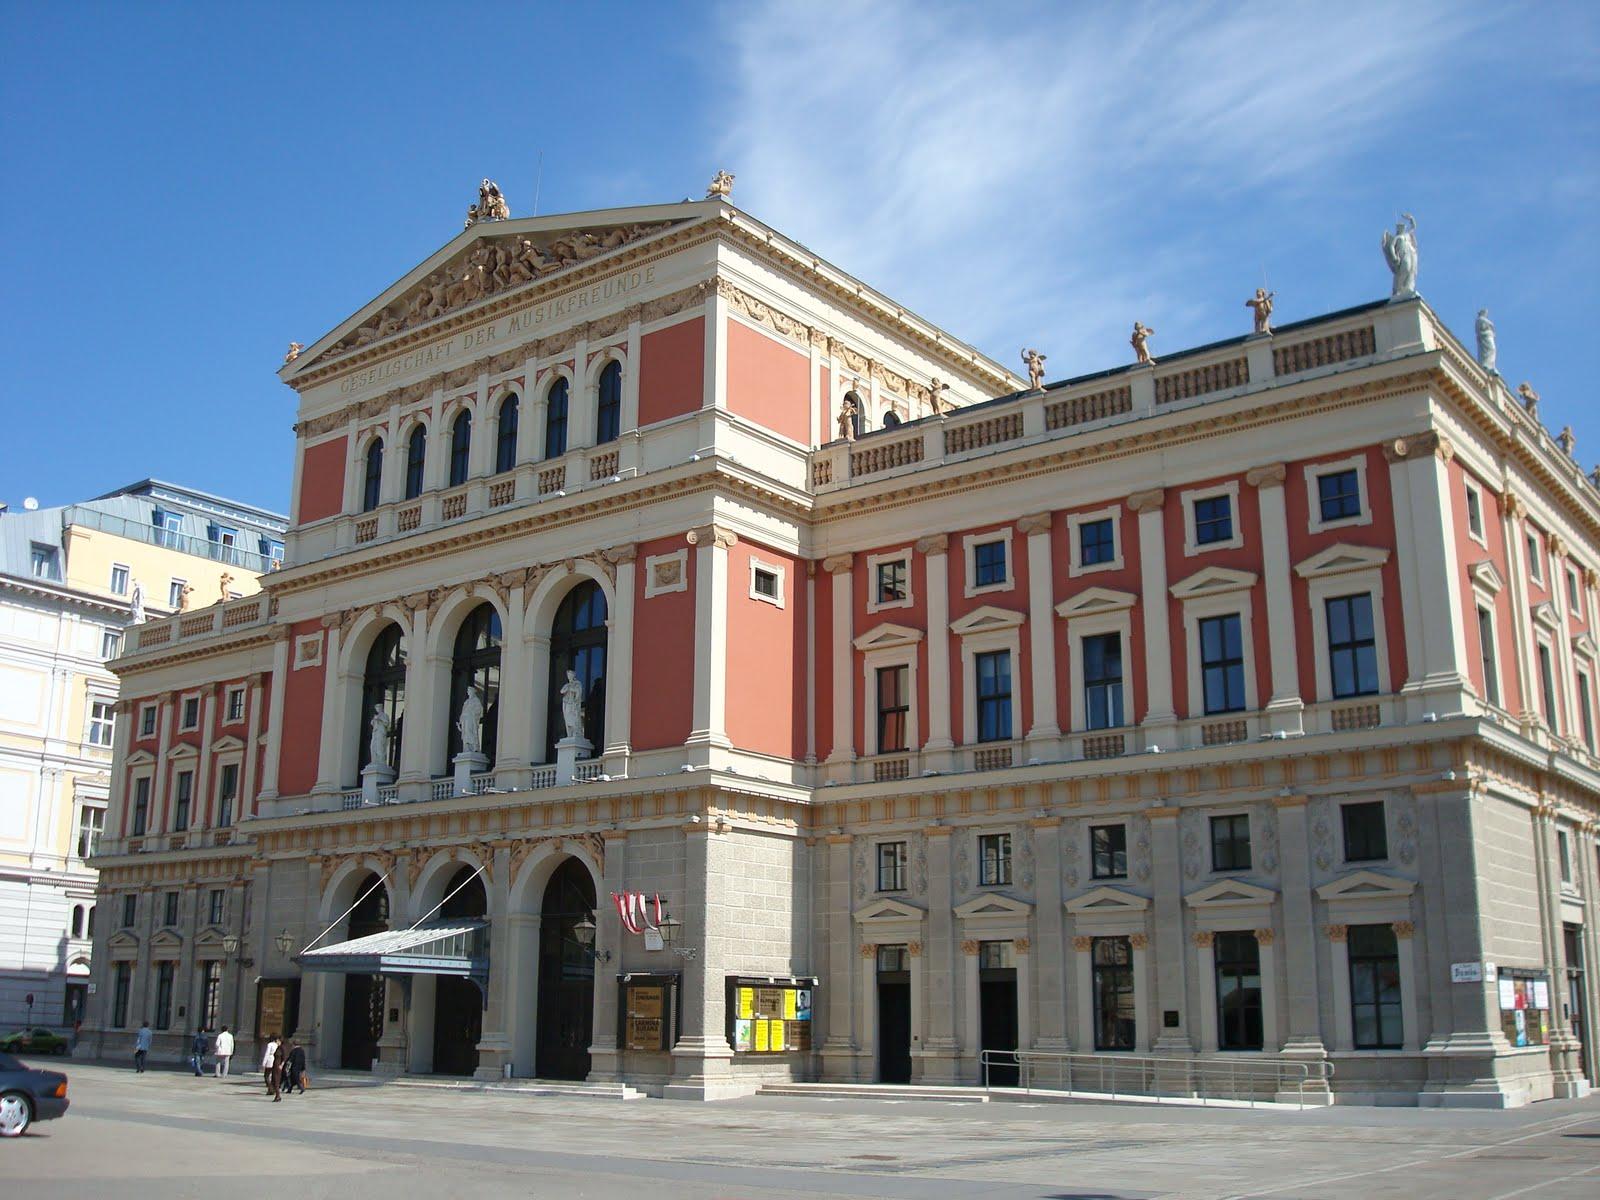 Sivienna: Musica A Vienna